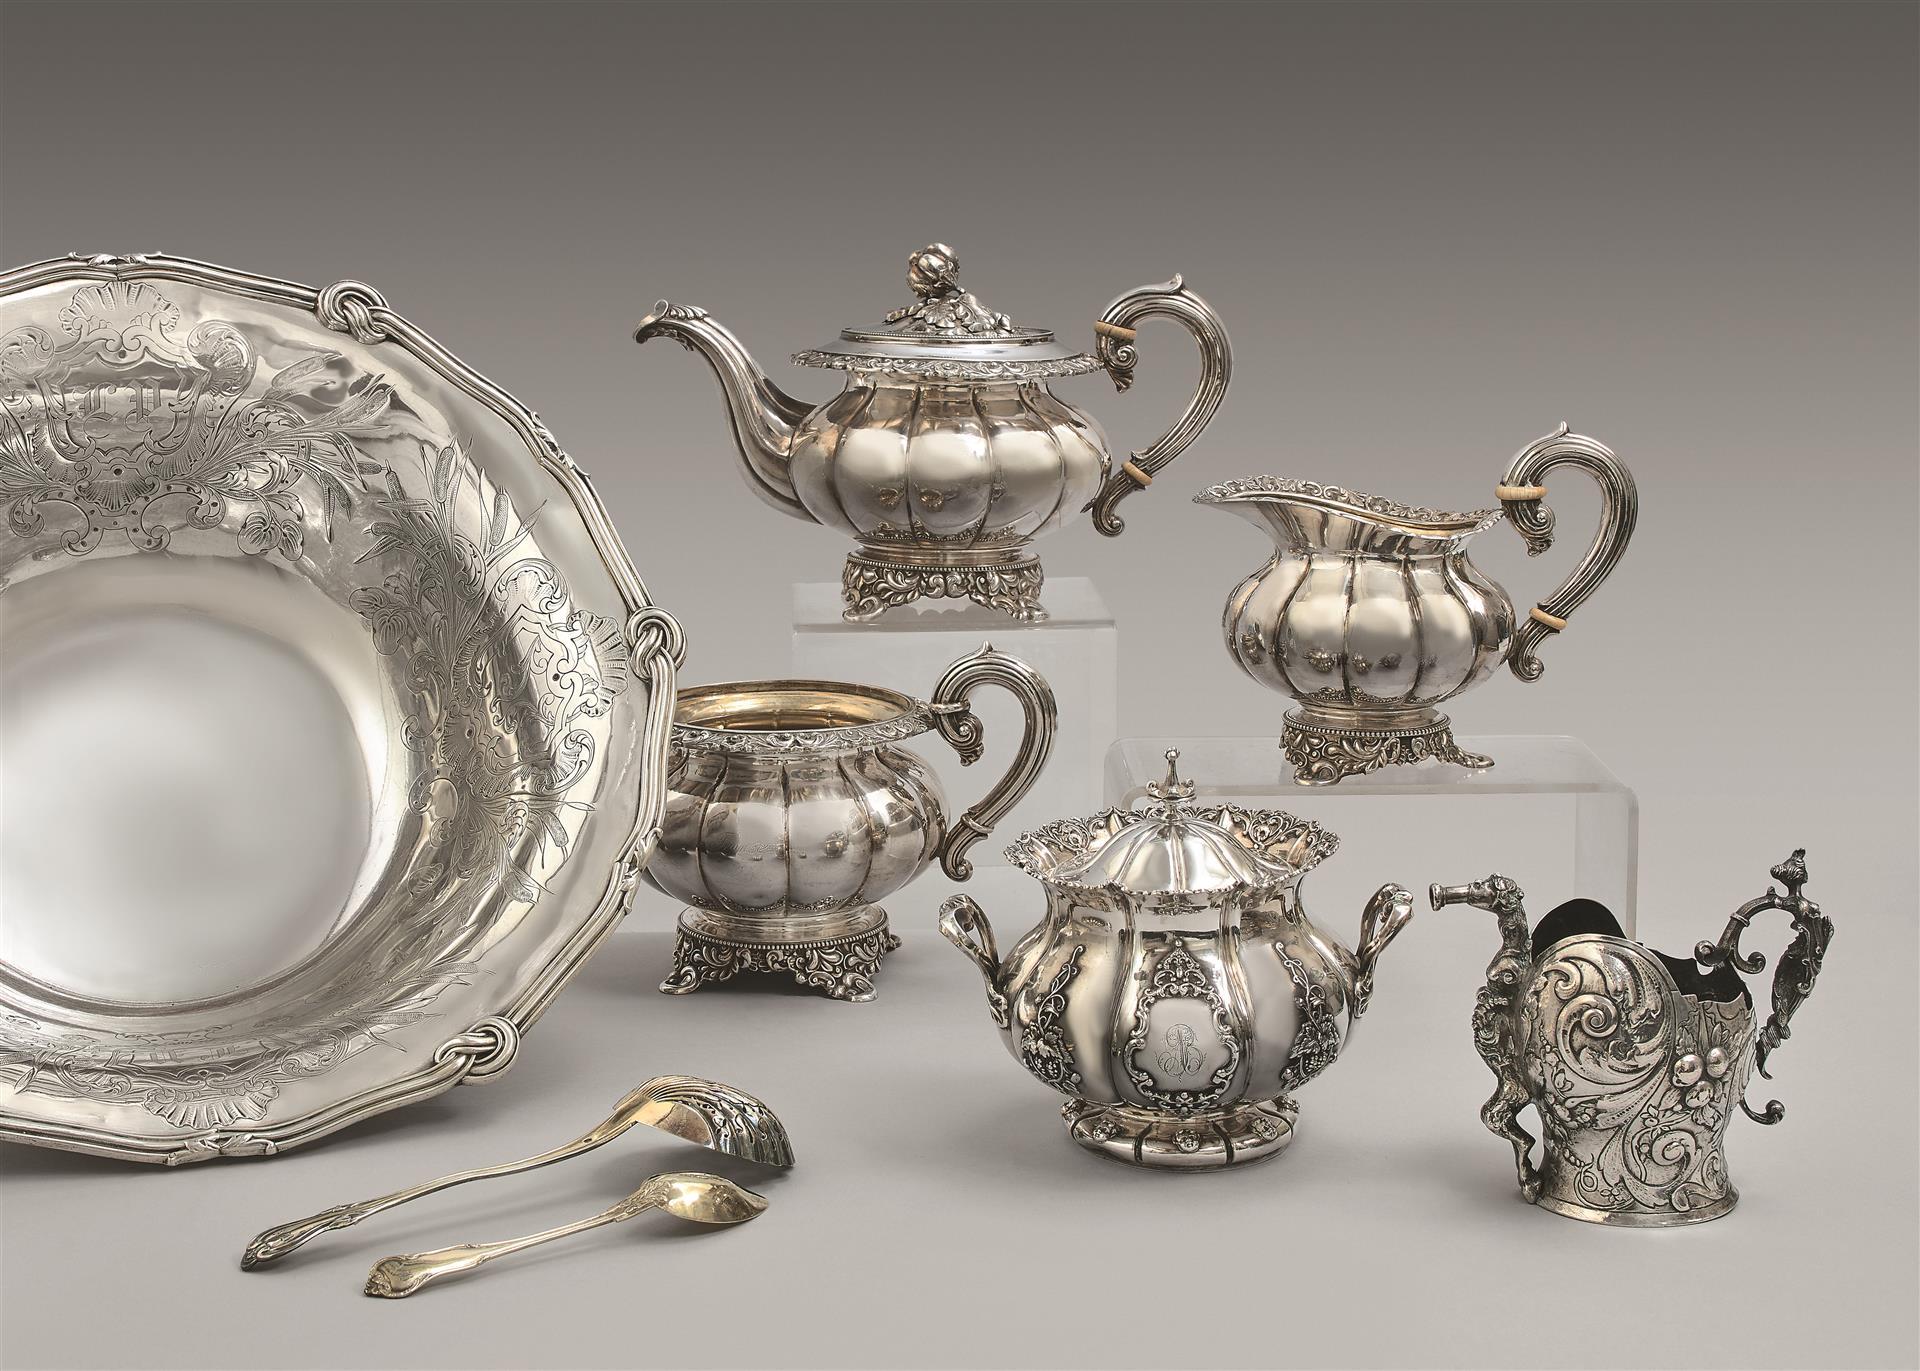 Lot 11 - Service à thé en argent 950 millièmes, à larges godrons unis, les bords et la [...]